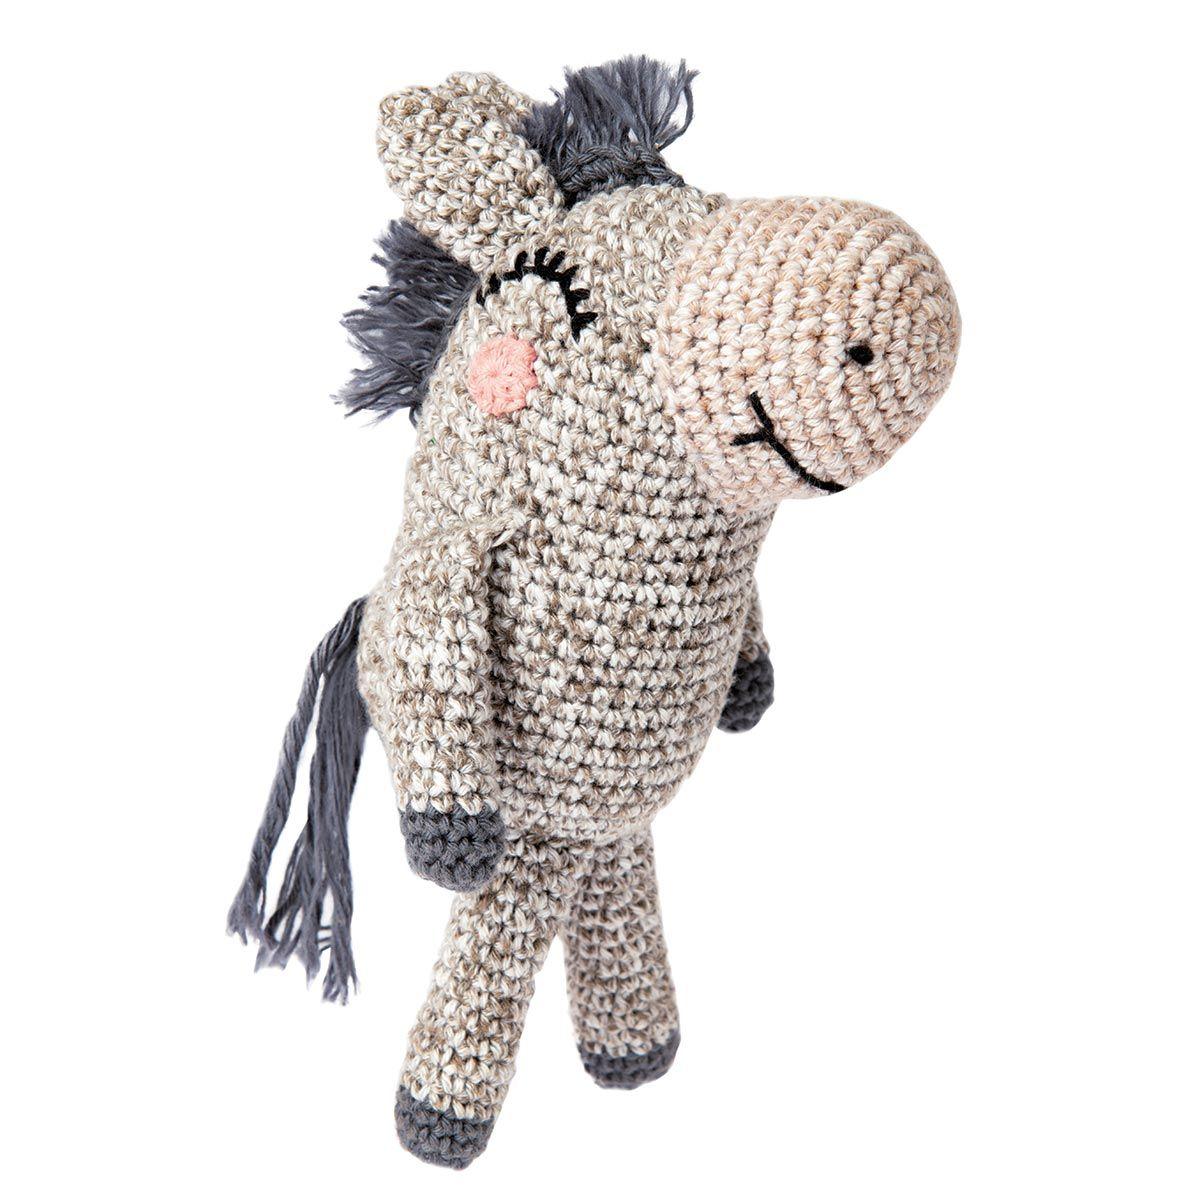 Kit crochet amigurumi - Âne